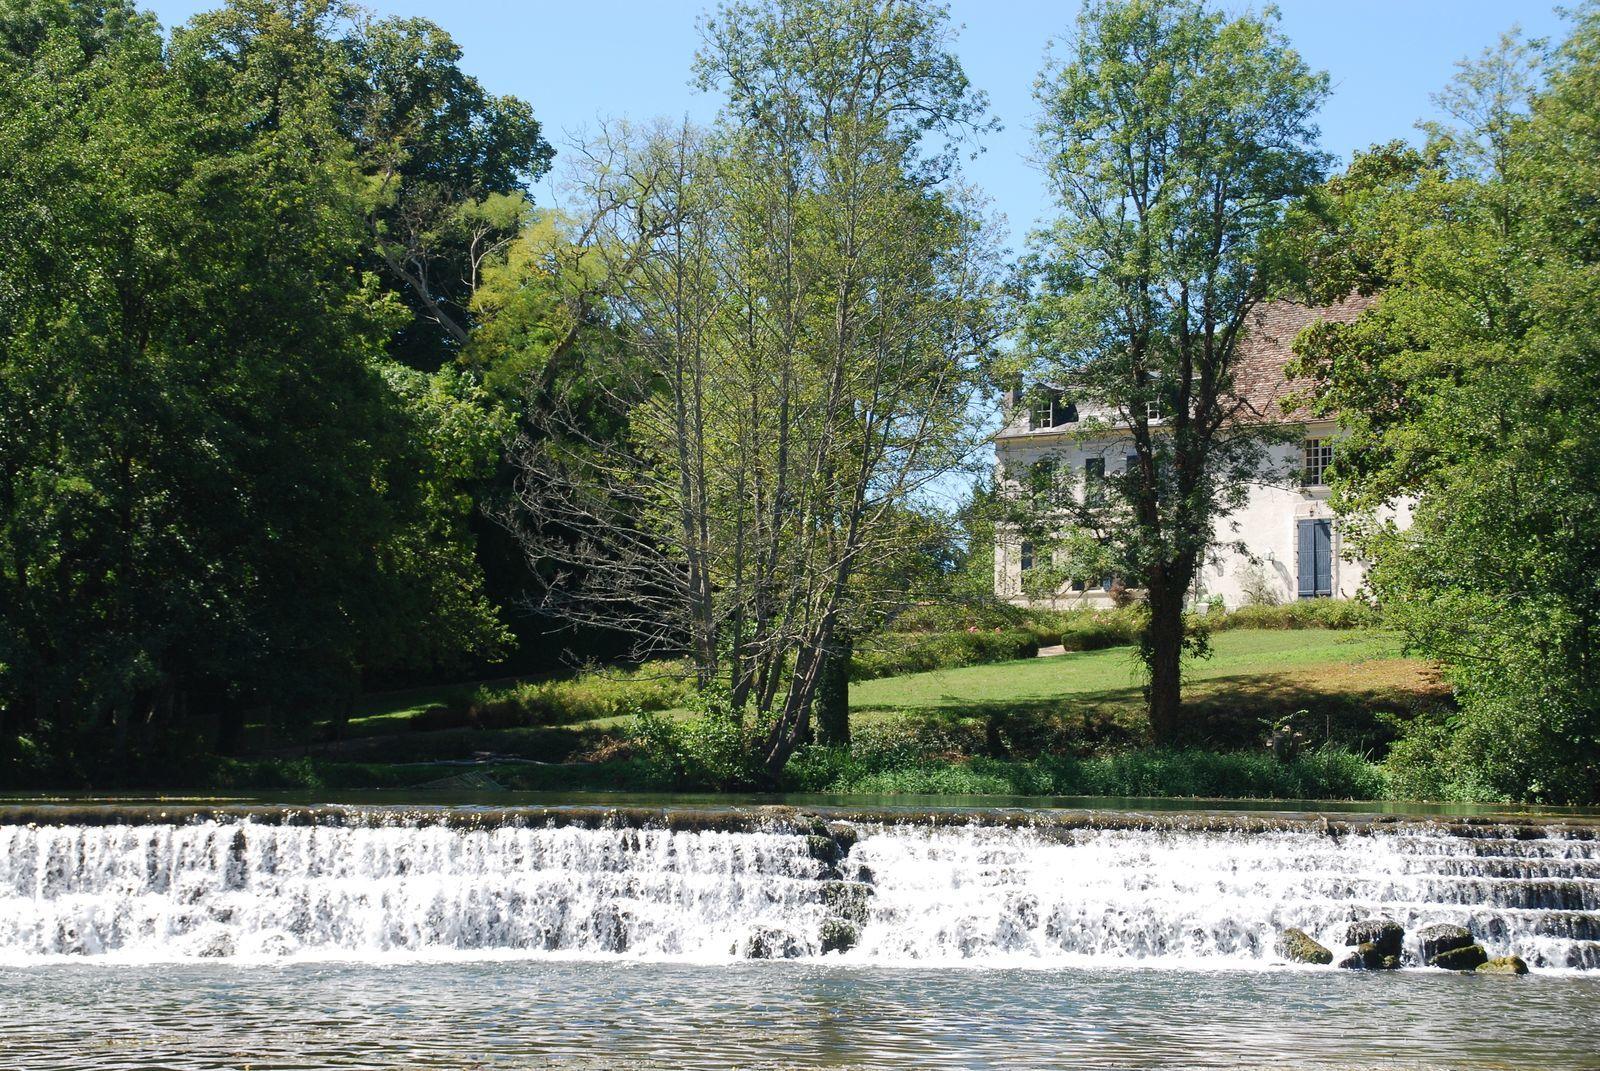 Maison de Chasse - La Dronne - vakantiehuis Dordogne, Frankrijk